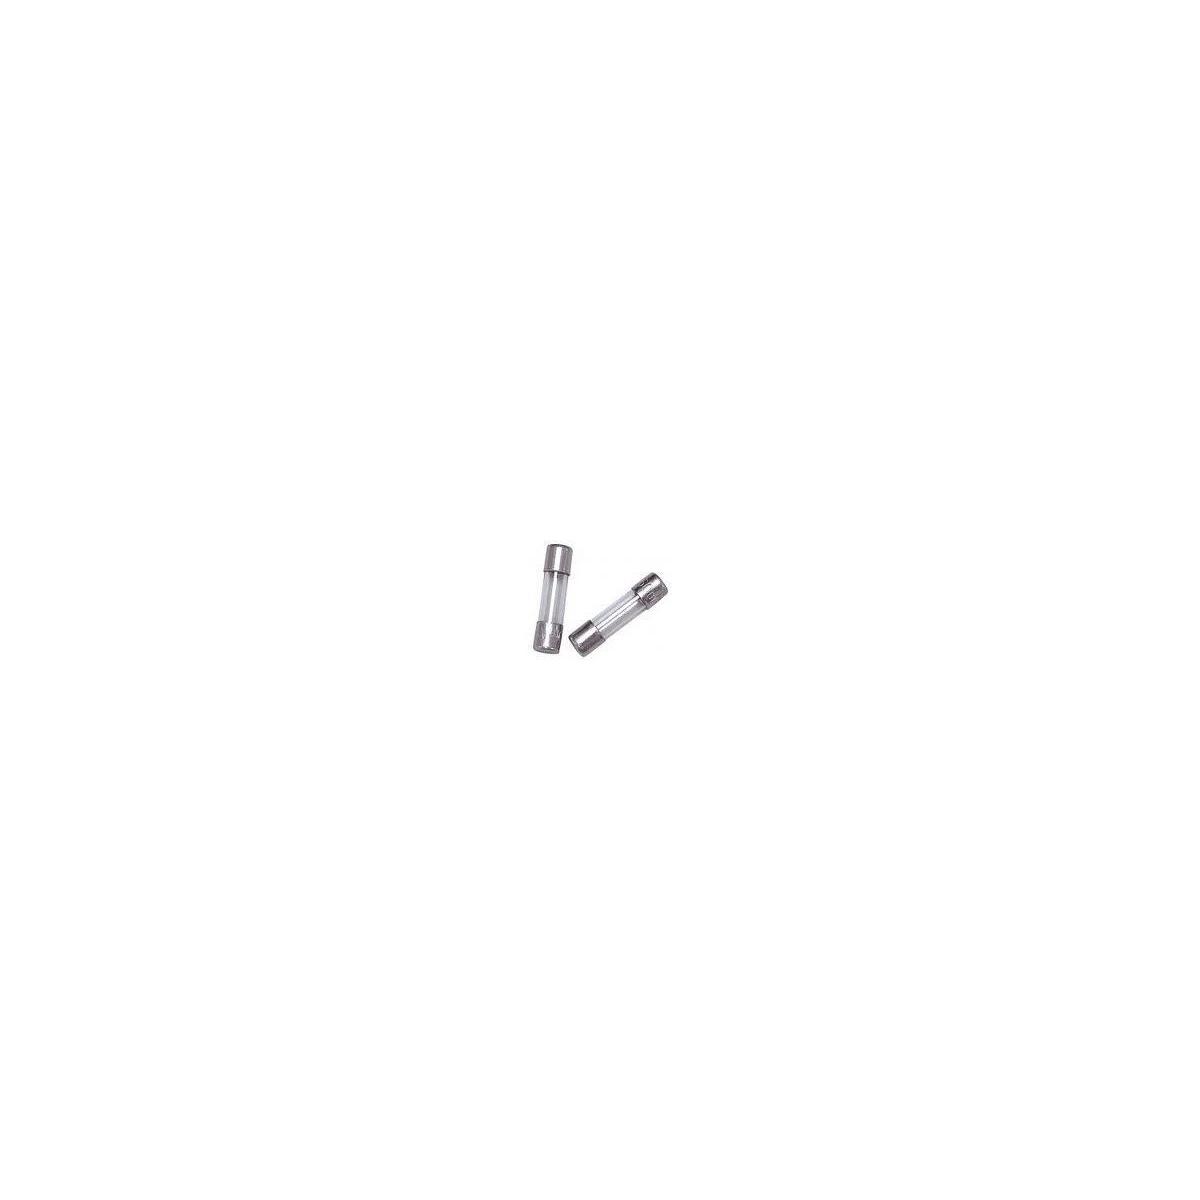 FUSIVEL - F RAPIDO 5X20MM (PACOTE COM 10 UNIDADES )-   7A